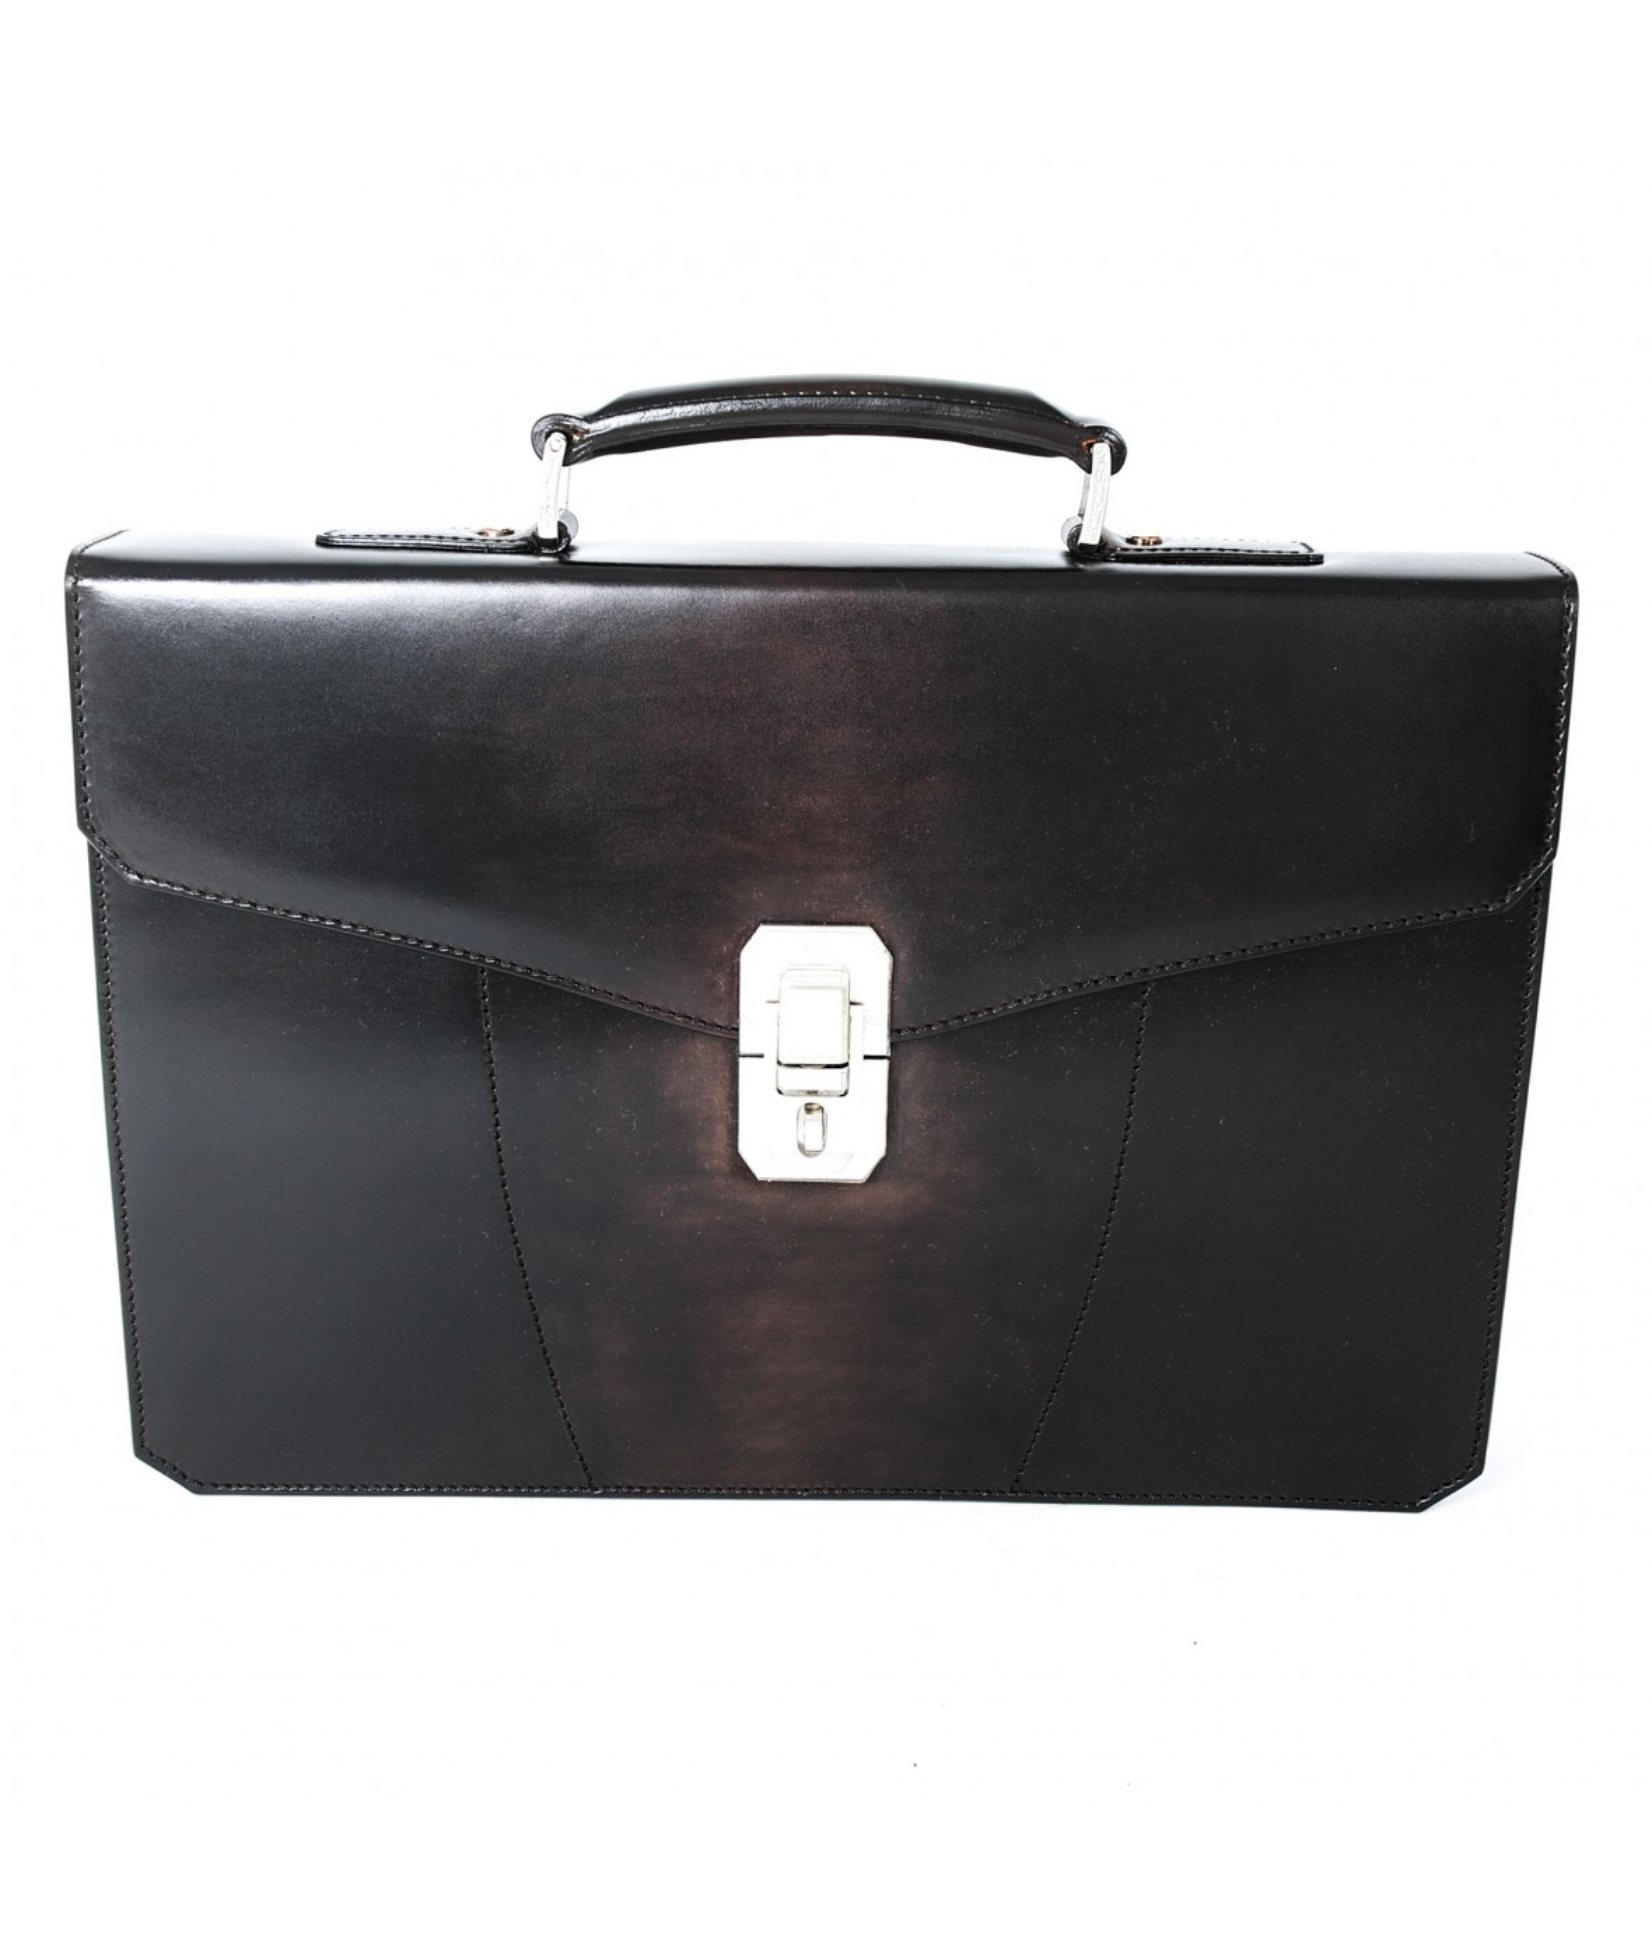 Santoni 办公室袋棕色 T50 (27809)